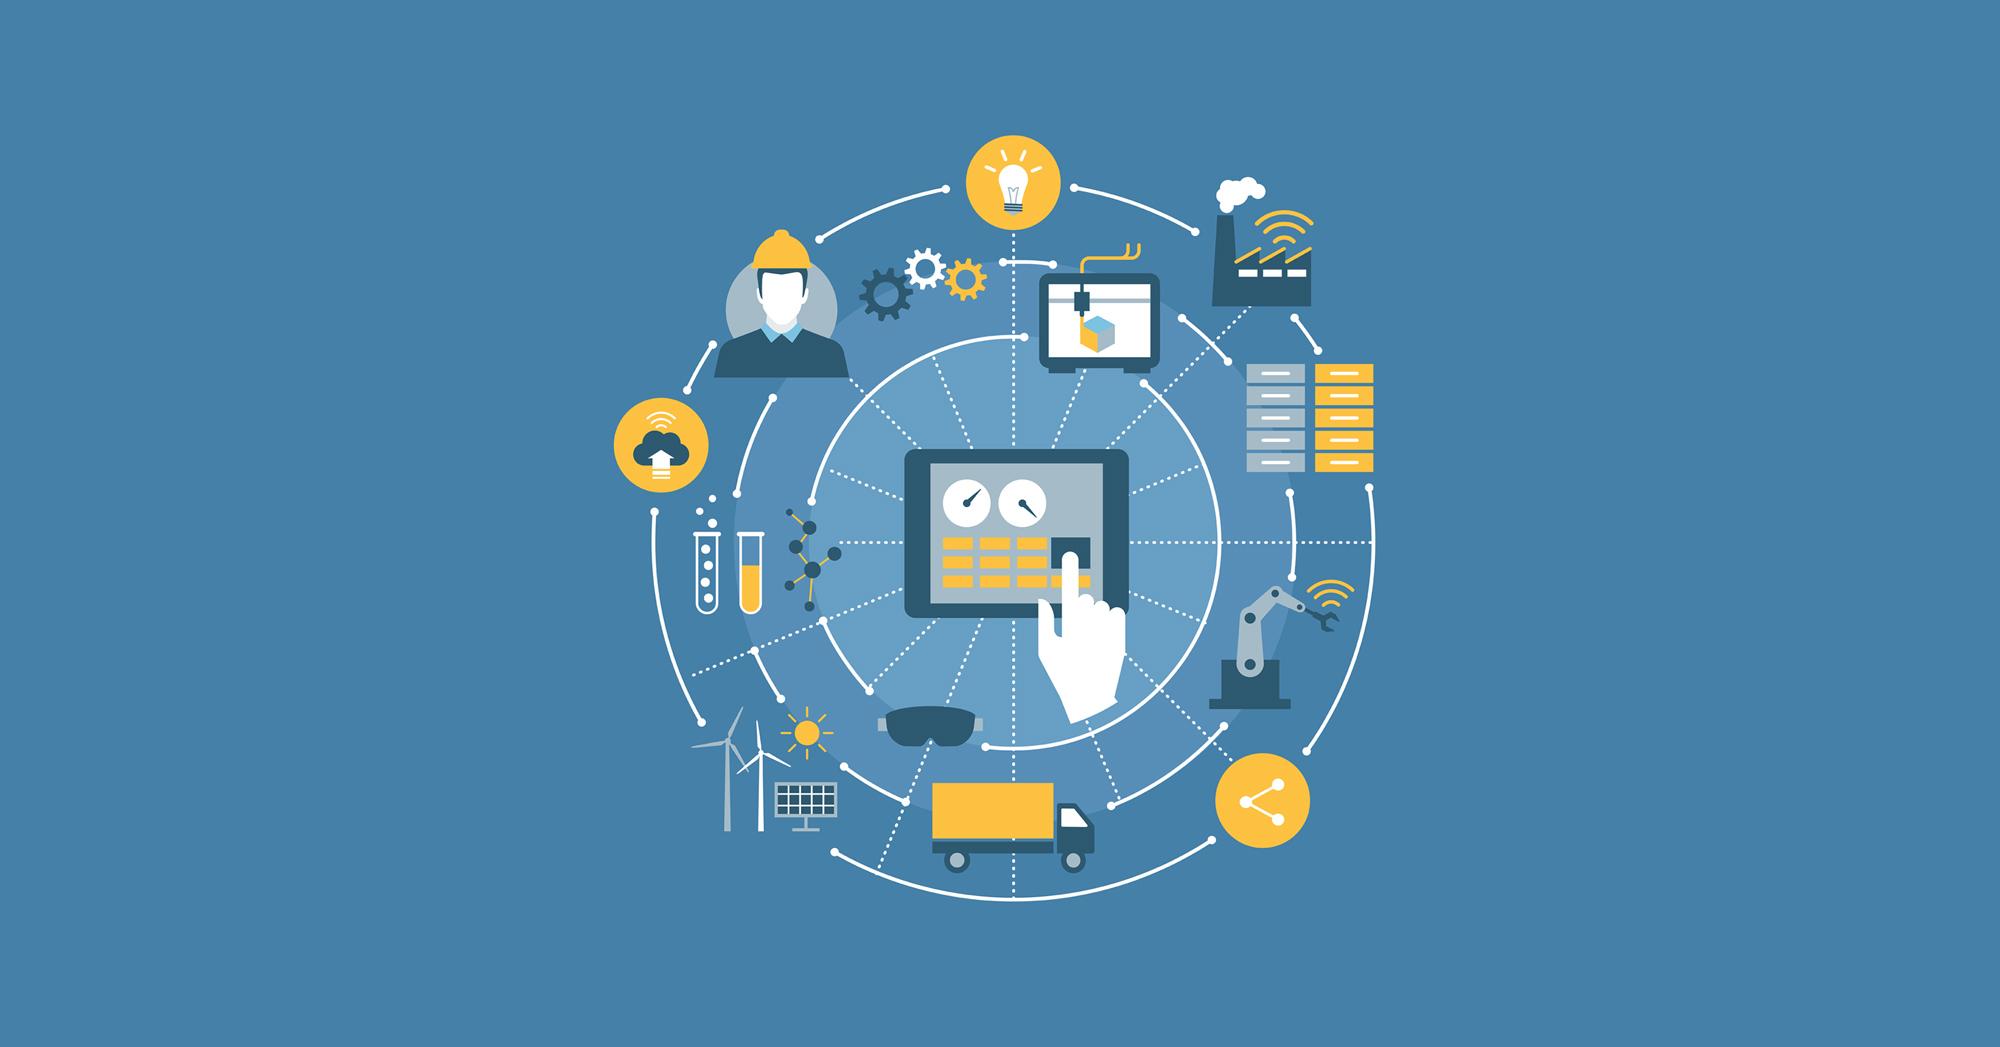 上海市发布有关集成电路、物联网、芯片等产业十四五规划